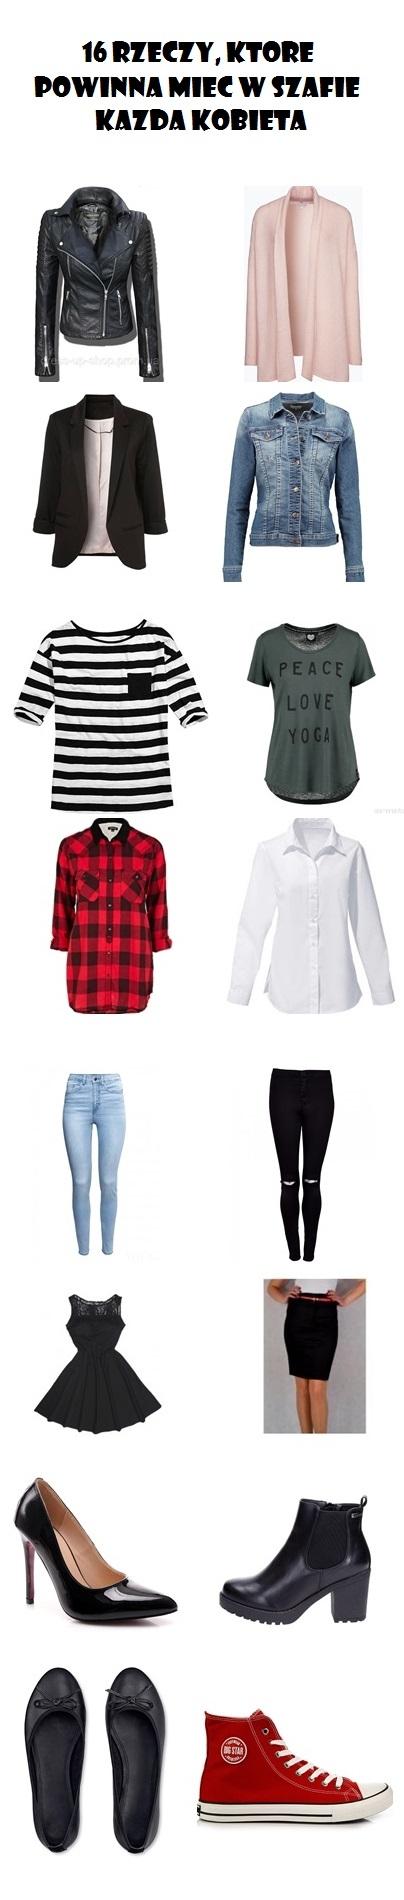 16 rzeczy które powinna mieć w szafie każda kobieta  1. skórzana ramoneska 2. kardigan 3. czarna marynarka 4. jeansowa kurtka 5. bluzka w paski 6. zwykły t-shirt z nadrukem 7. koszula w kratę 8. biała koszula 9. jeansy z wysokim stanem 10. czarne rurki albo leginsy (cokolwiek to jest) 11. mała czarna sukienka 12. ołówkowa spódnica 13. czarne szpilki 14. botki 15. balerinki 16. trampki